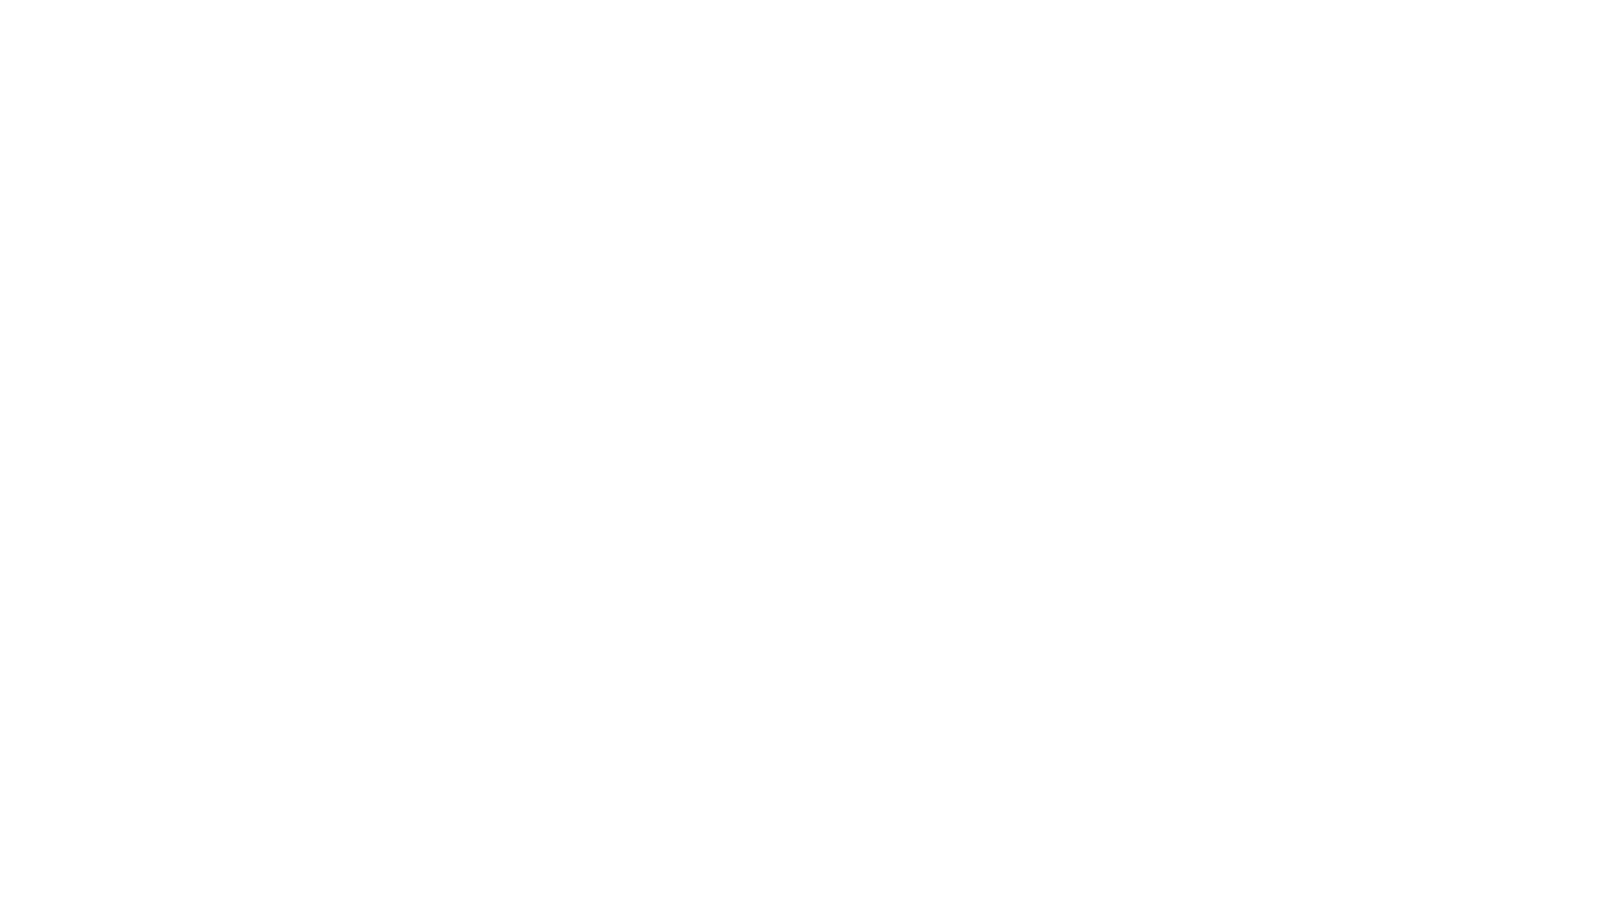 Dans ce 35ème épisode, j'ai discuté avec Reynald Naulleau, le fondateur et président de Vite Mon Marché. Fils d'agriculteurs vendéens, Reynald a fondé Vite Mon Marché en 2018 avec pour mission : ramener les bons produits de nos campagnes au coeur de votre quotidien. Le concept est simple : une plateforme où vous commandez des produits locaux, bio, de qualité et vous êtes livré dans la journée. Aujourd'hui, Vite Mon Marché a dépassé les 100 000 commandes sur sa plateforme. C'est aussi plus de 3,5M€ de CA en 2020, plus de 250 producteurs et plus de 2 500 références présentes sur le site. Dans cet épisode, vous saurez : - Pourquoi & Comment Reynald a t-il créé Vite Mon Marché ? - Comment sont sélectionnés les producteurs présents sur la plateforme ? - Comment le confinement a-t-il été un accélérateur pour sa société ? - Quelle est l'importance du service client chez Vite Mon Marché ? - Quels sont les objectifs futurs pour Vite Mon Marché ? Bonne écoute ! ----- SUR MOI : https://linktr.ee/francois_ SUR LE PODCAST : https://serial-entrepreneurs.fr https://instagram.com/serialentrepreneurs_ Disponible sur Apple Podcasts, Google Podcasts, Spotify, Deezer & co. VITE MON MARCHÉ https://vitemonmarche.fr/ Si tu as apprécié ce contenu, n'hésite pas à t'abonner, à liker et à donner de la force. 💙